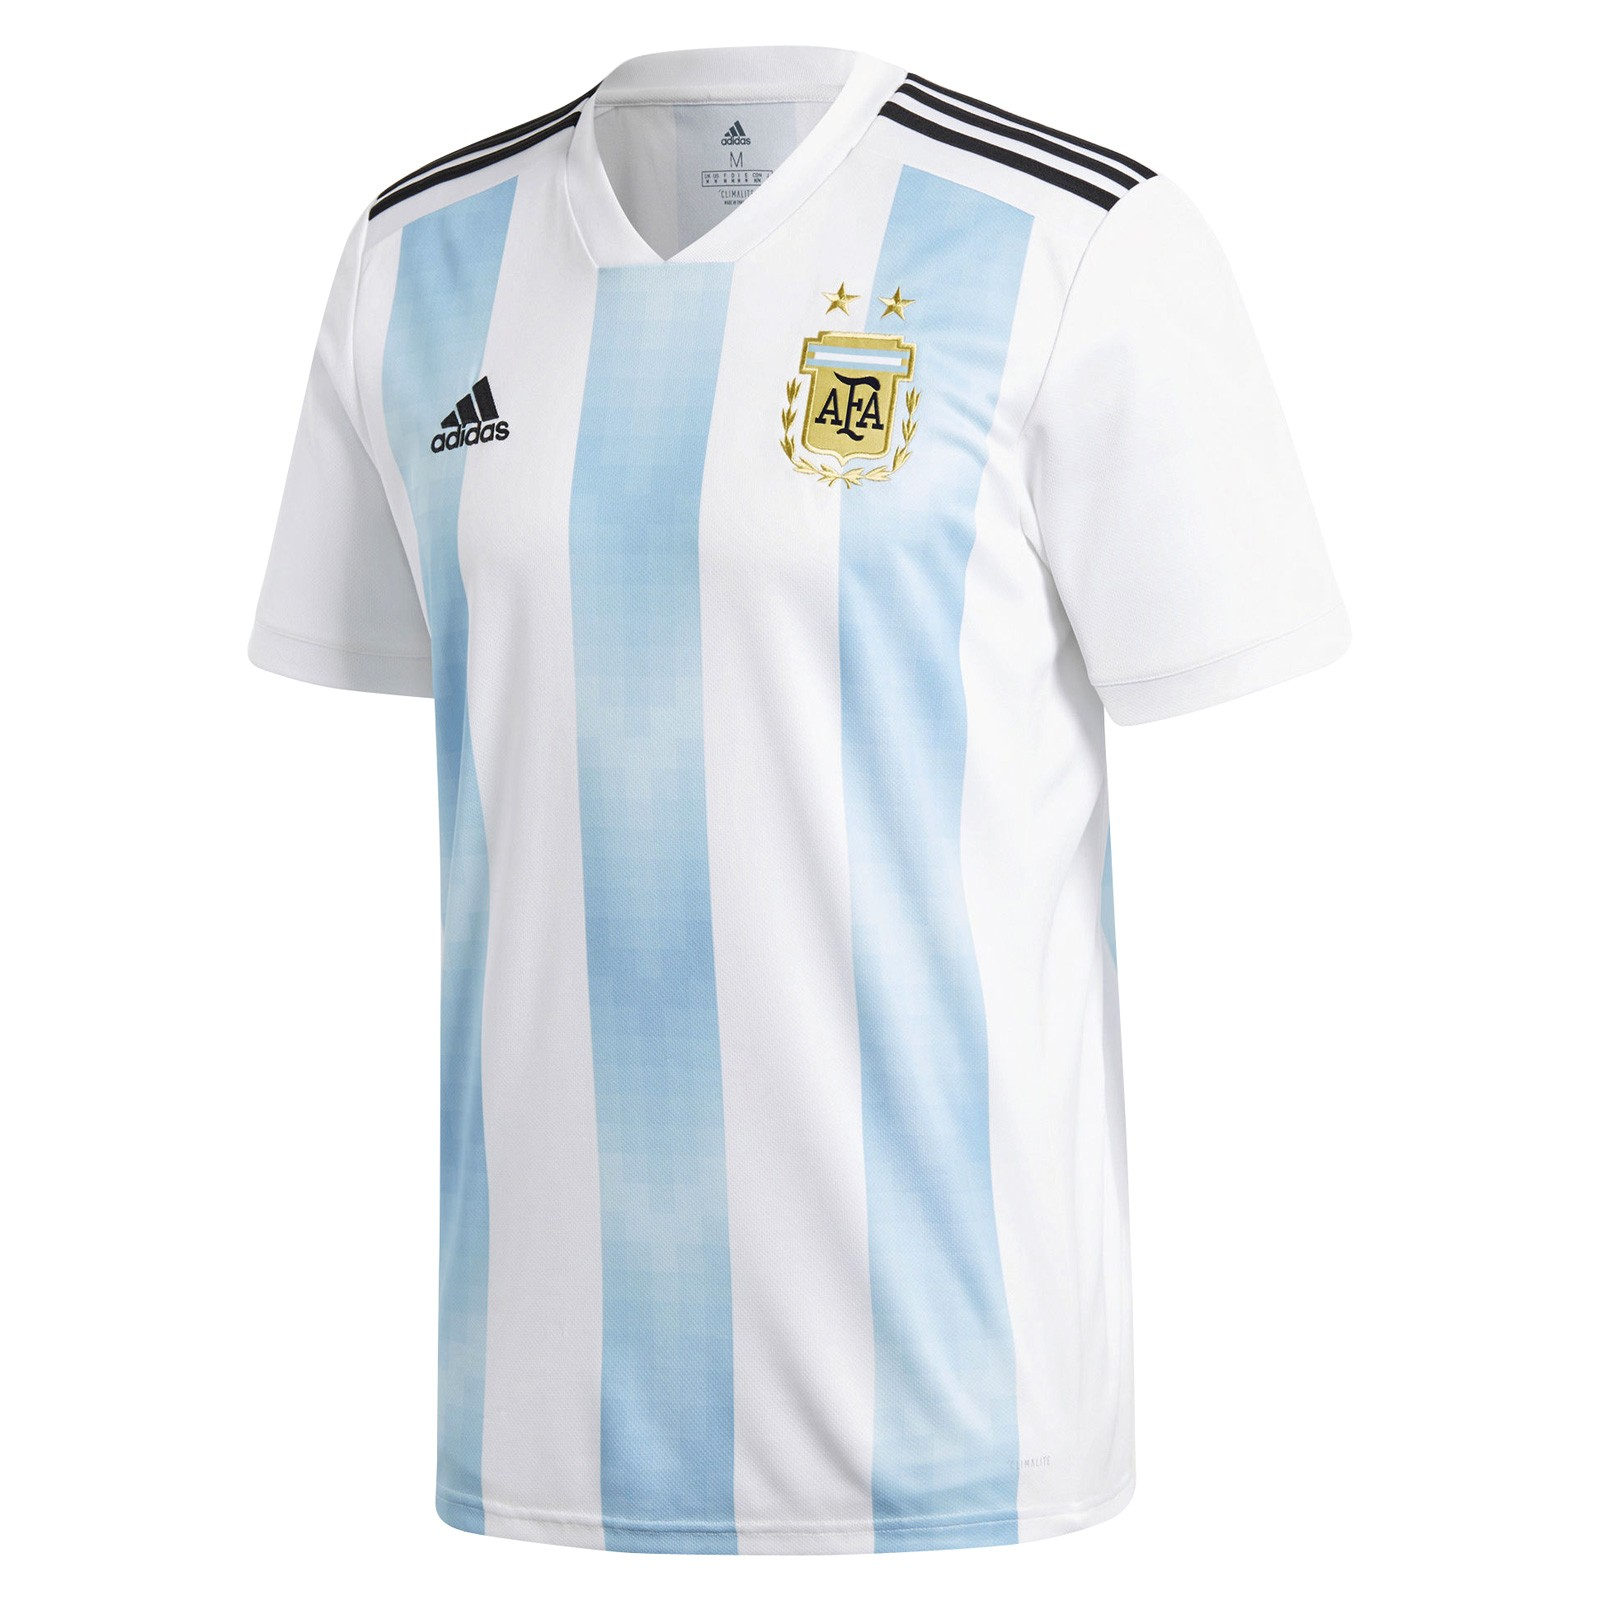 阿根廷国家队2018世界杯球迷版主场球衣